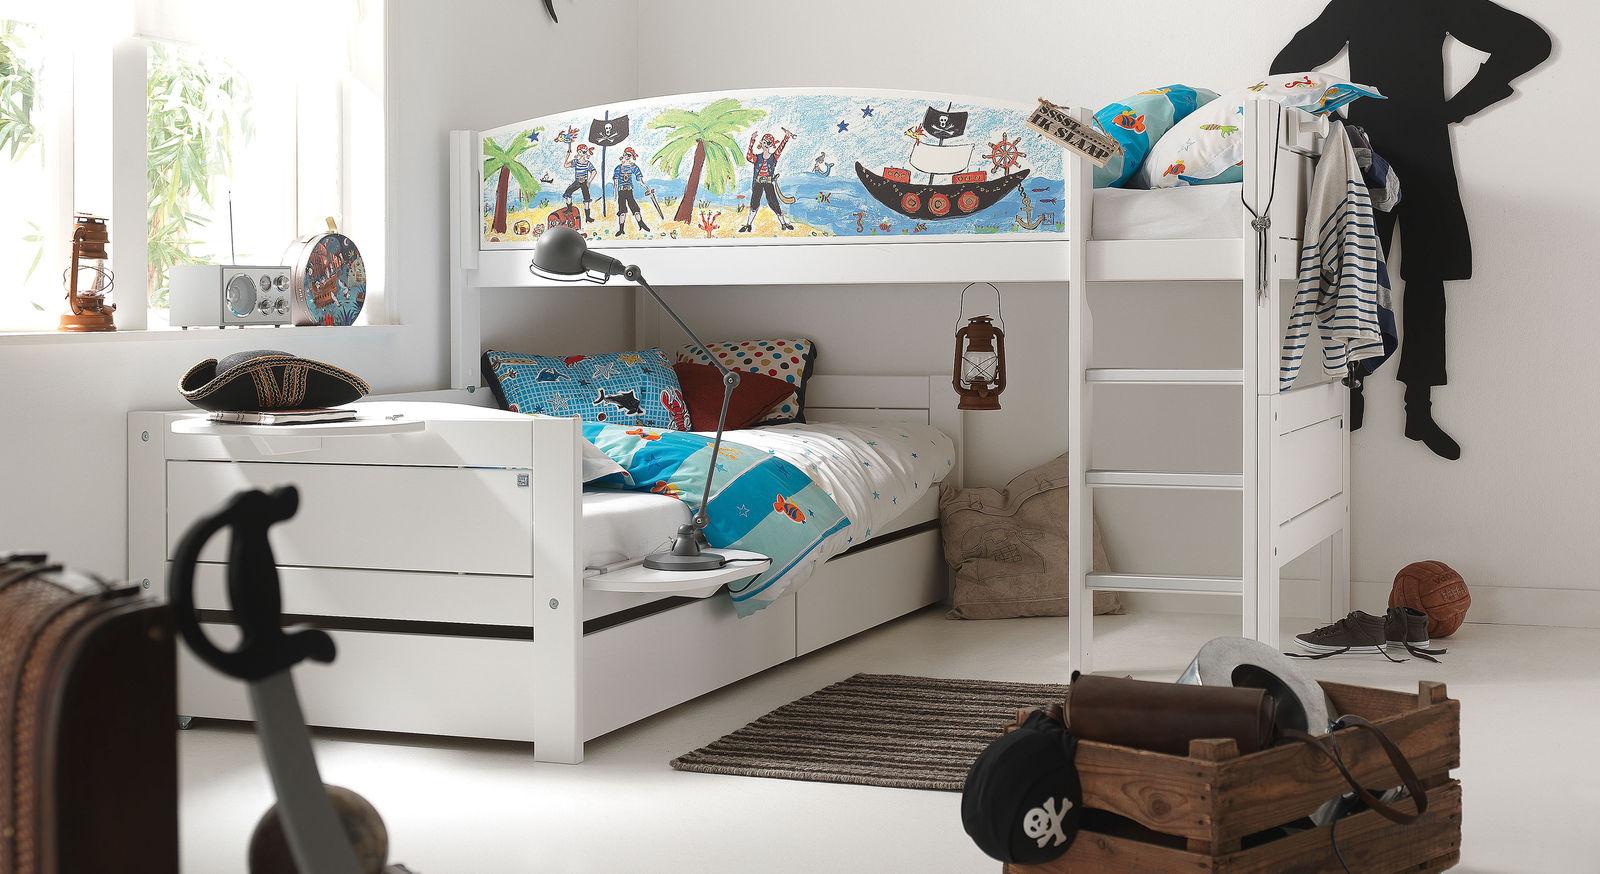 LIFETIME Eck-Etagenbett umbaubar zu zwei Einzelbetten - Pirat